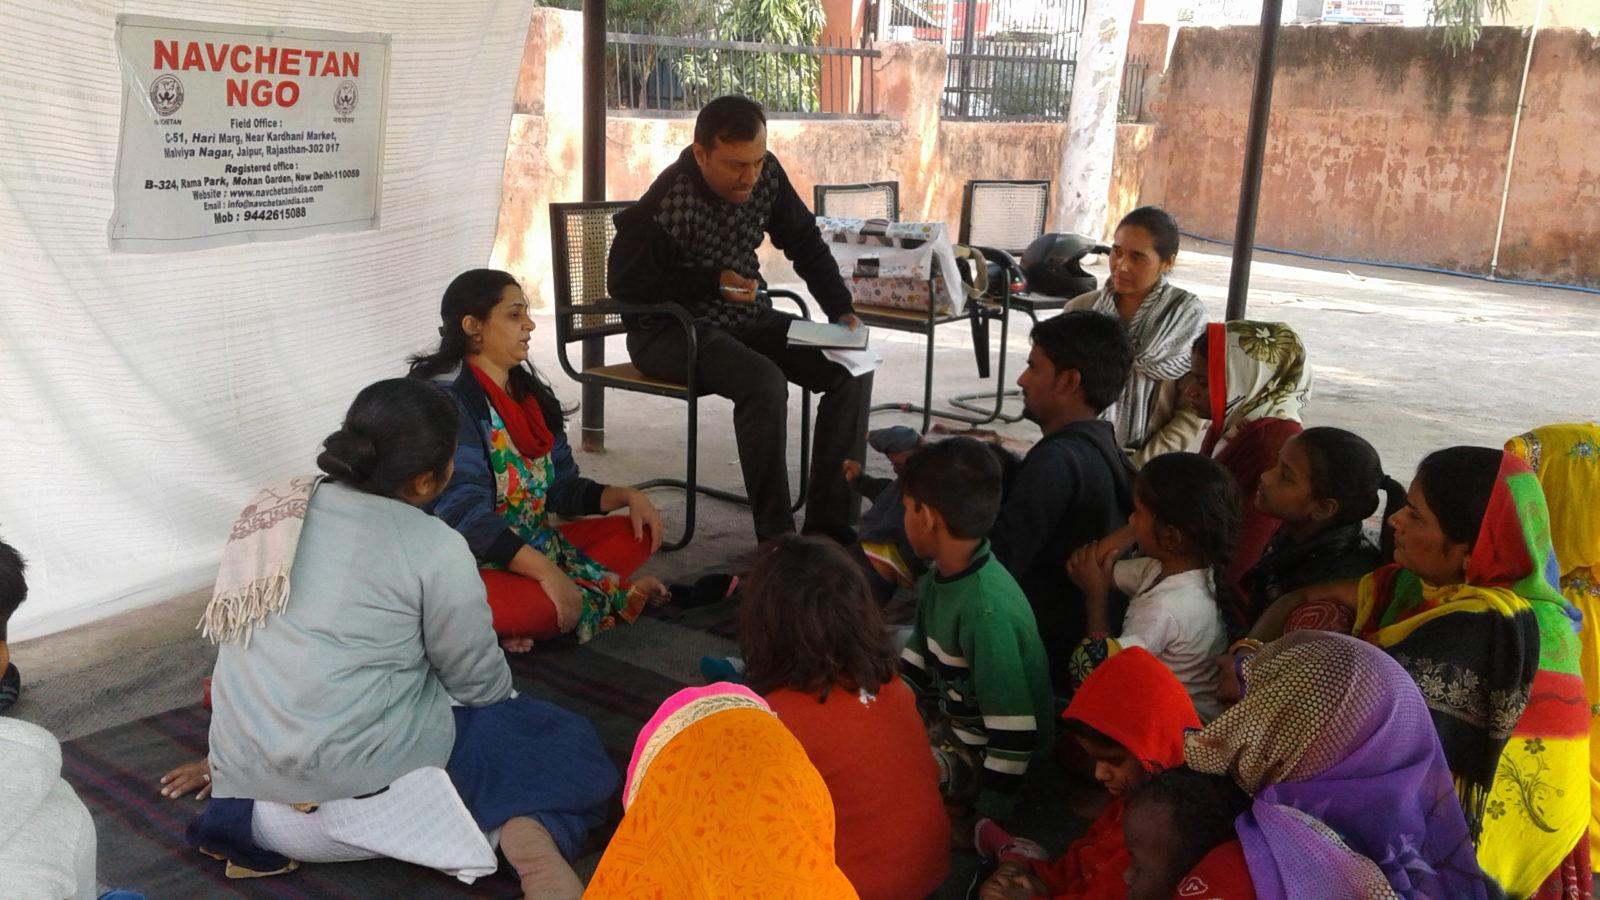 La comunità di Navchetan, India – Una 'Nuova Consapevolezza'